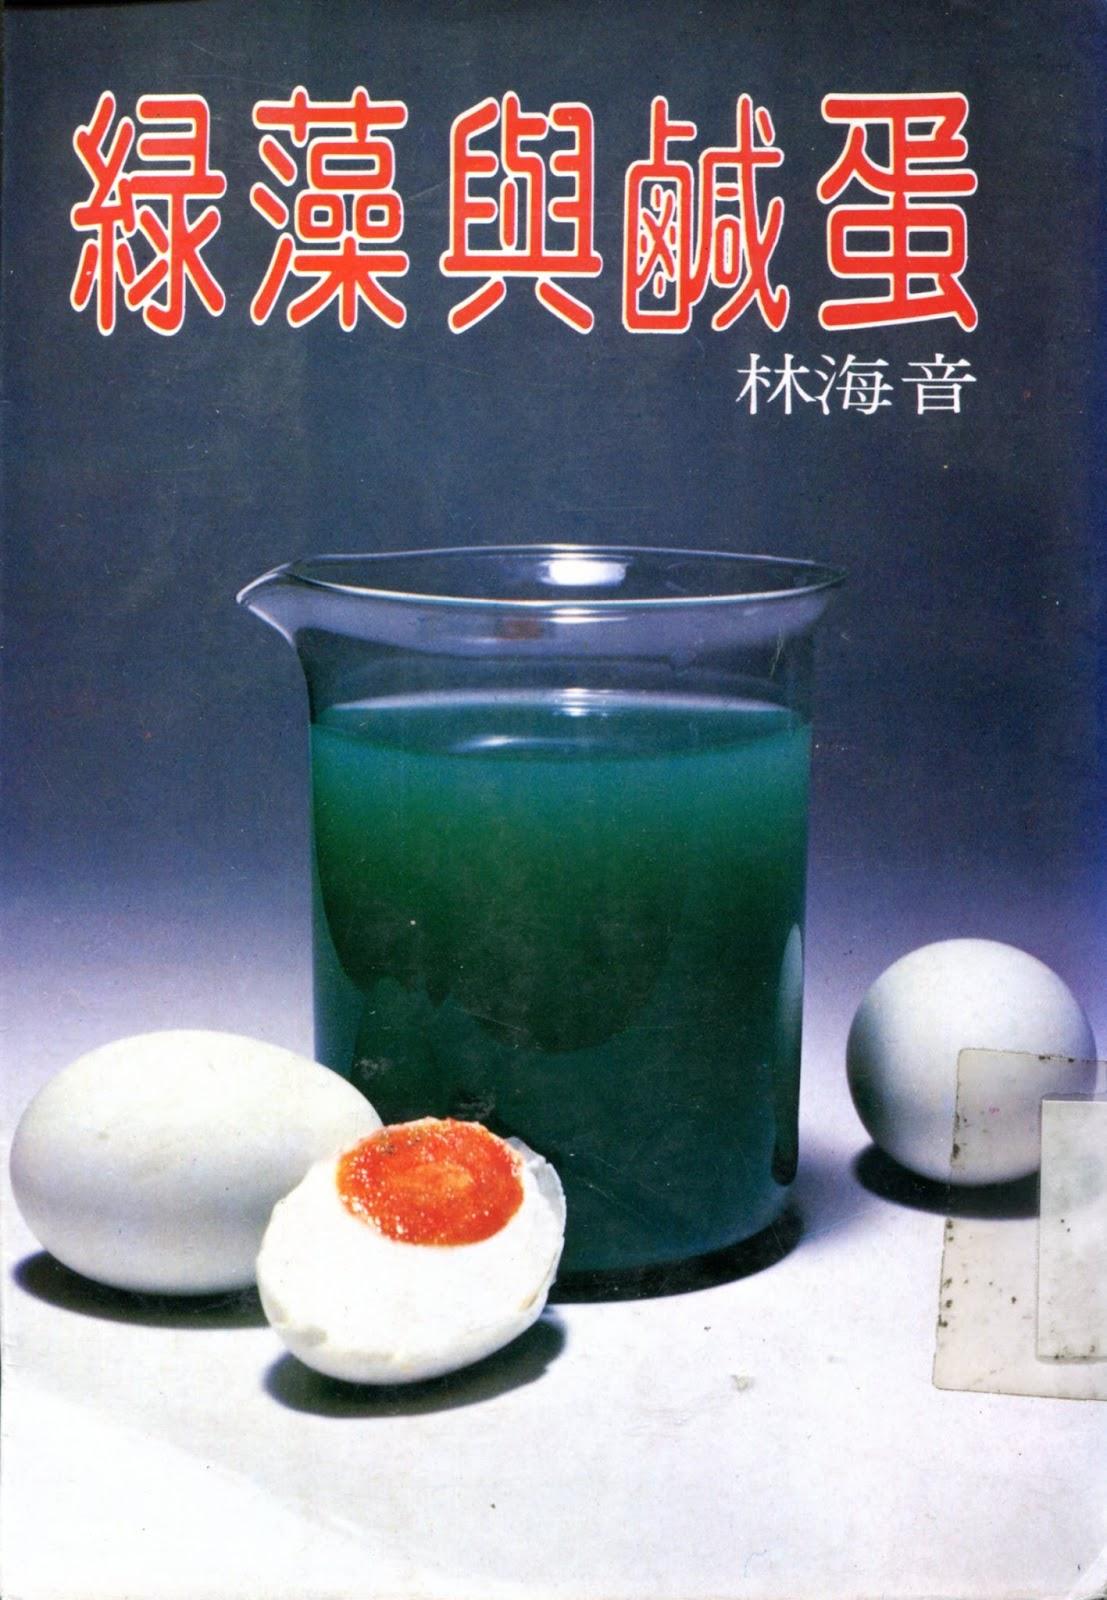 綠藻與鹹蛋